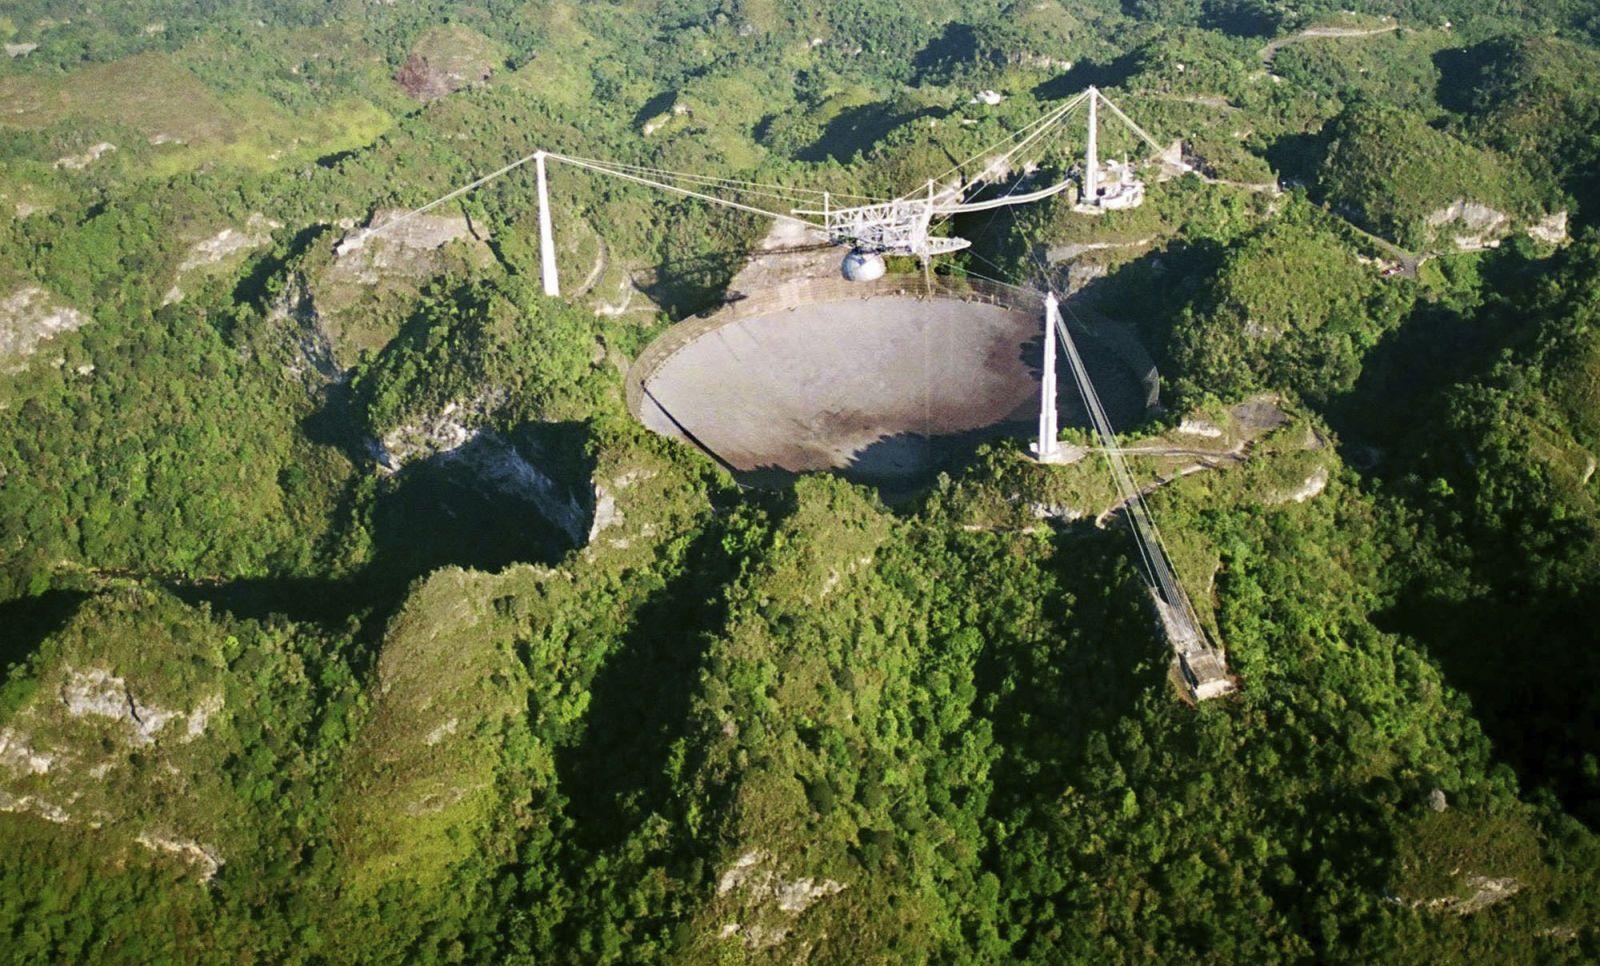 The Telescope from 'Goldeneye' Is In Trouble